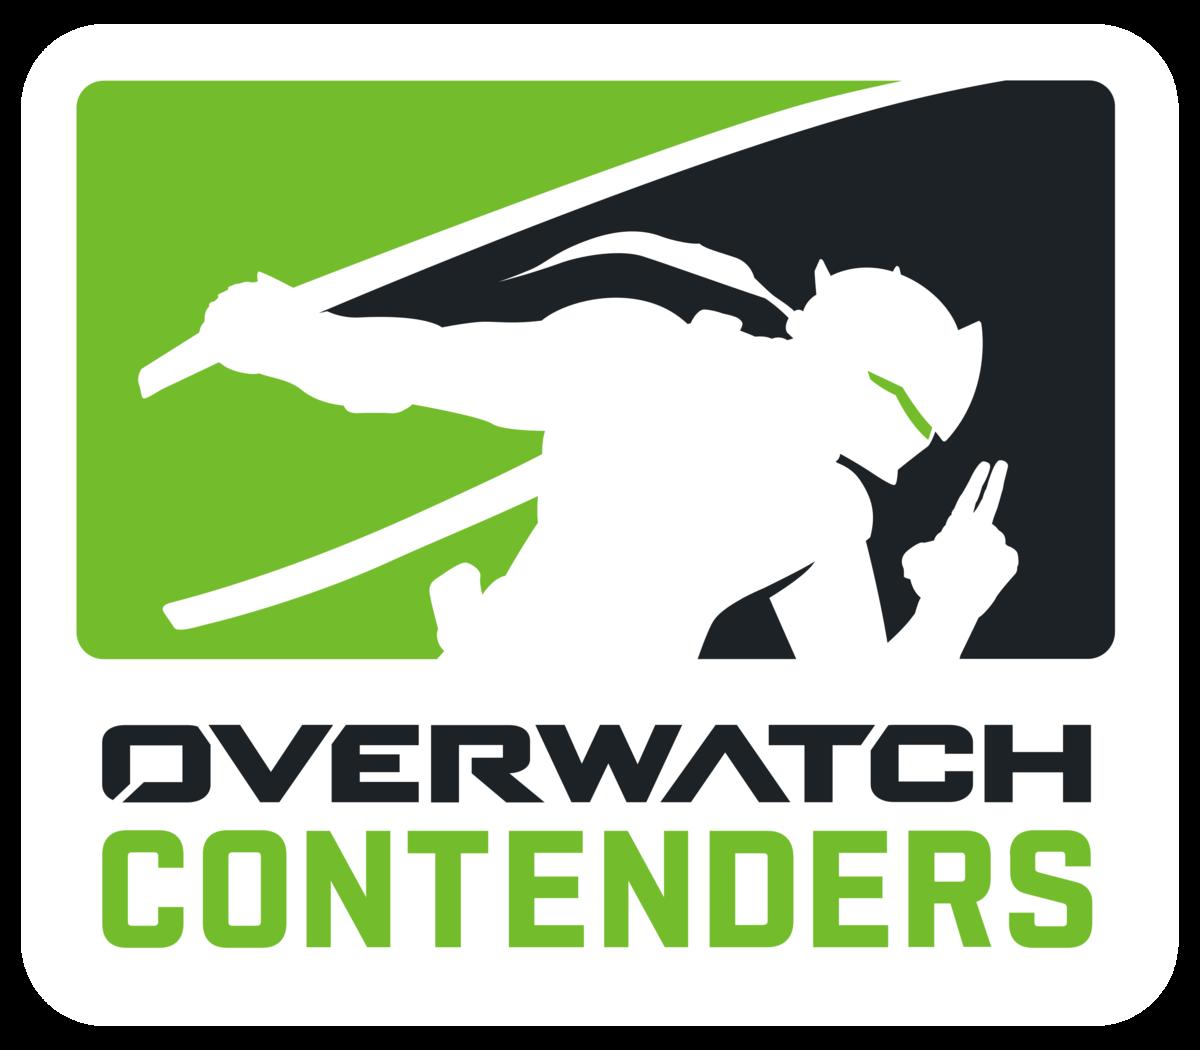 Overwatch Contenders 2018 Season 2 - China